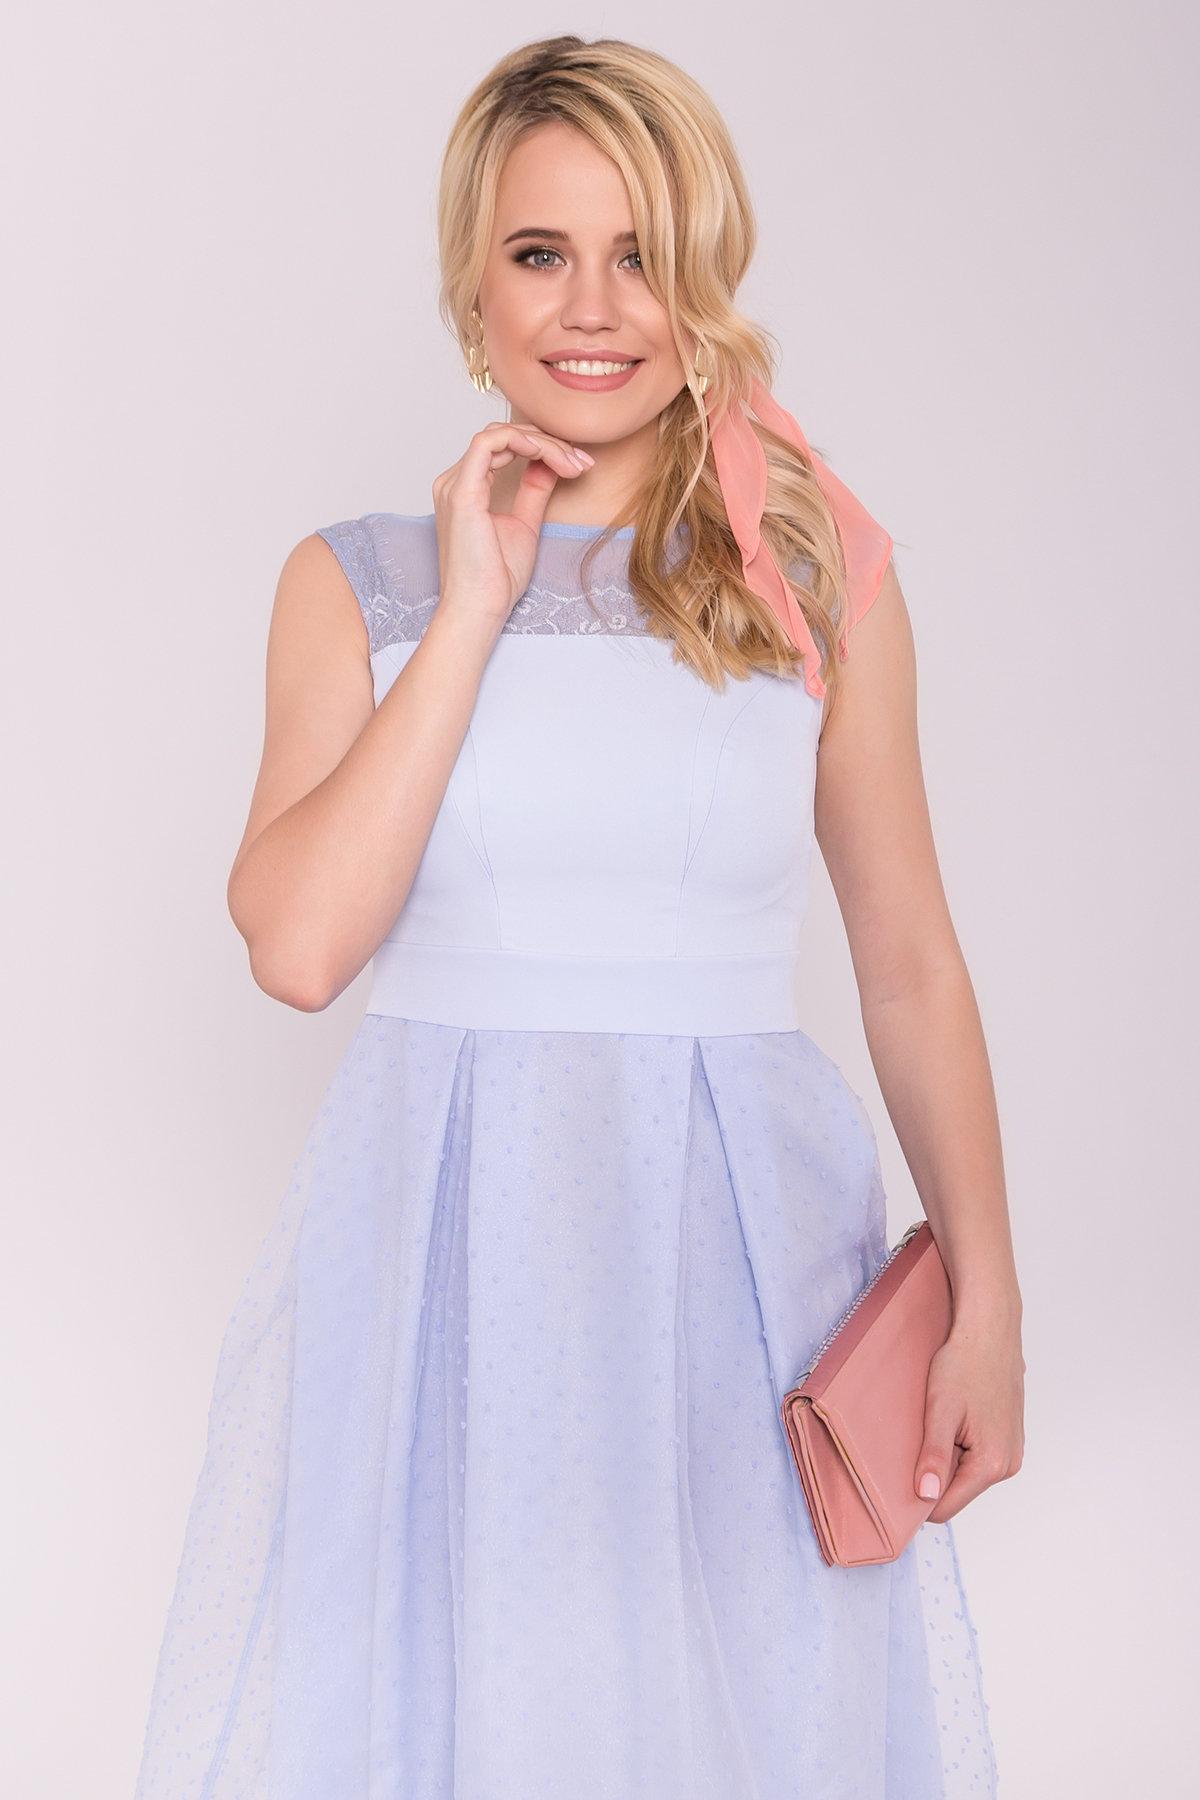 Платье Зарина 6989 АРТ. 42521 Цвет: Голубой 79 - фото 3, интернет магазин tm-modus.ru